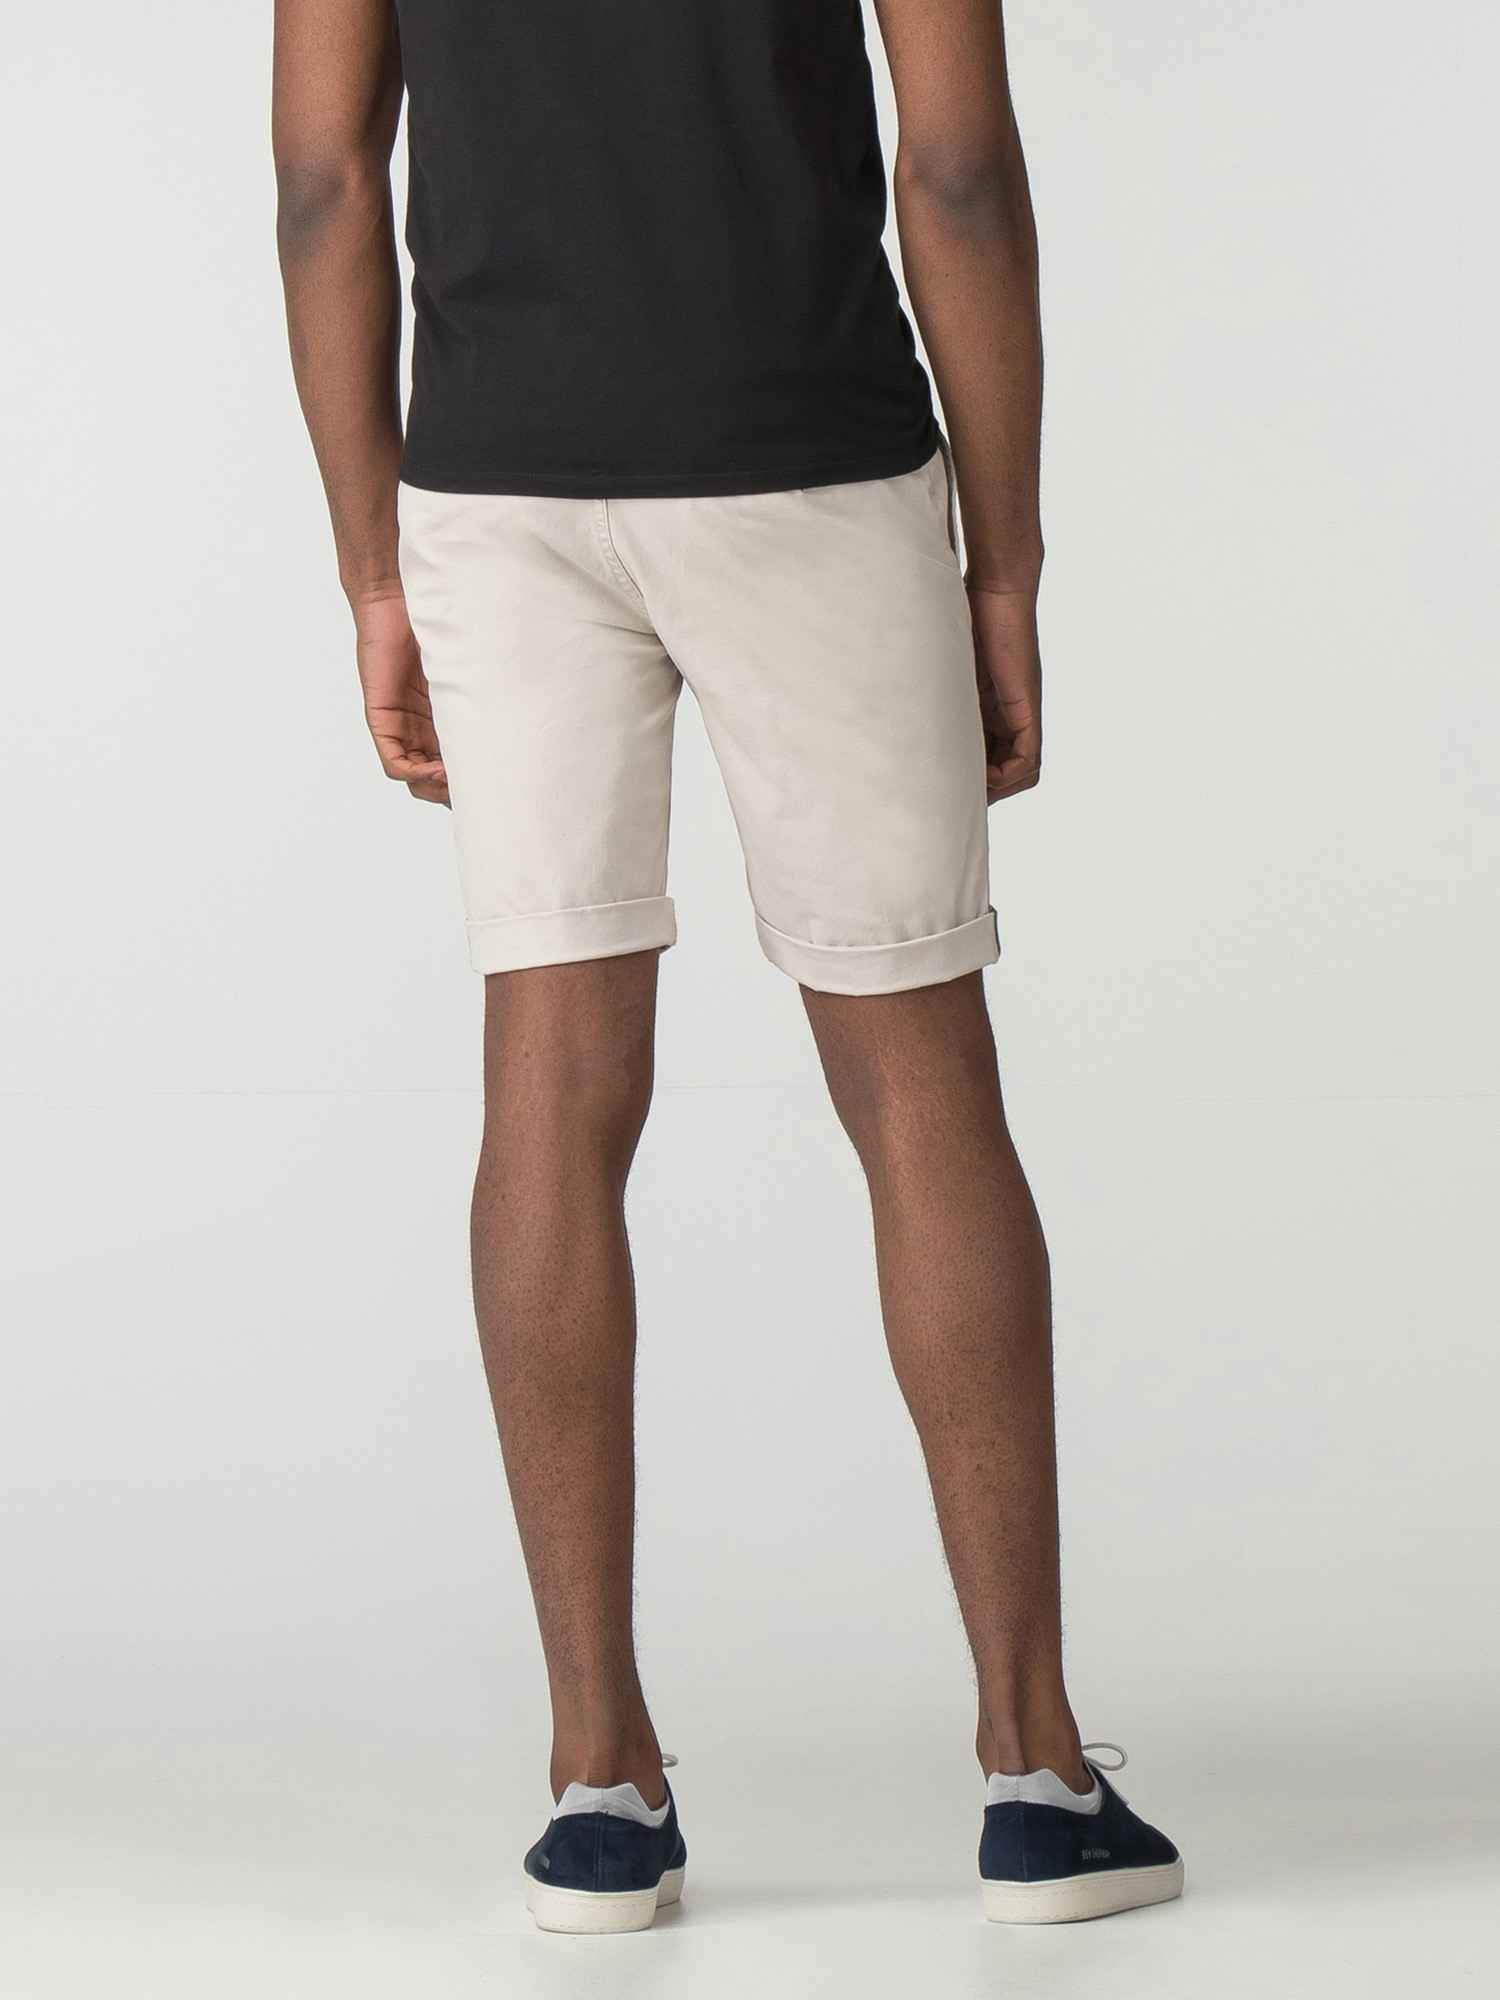 Putty Chino Shorts